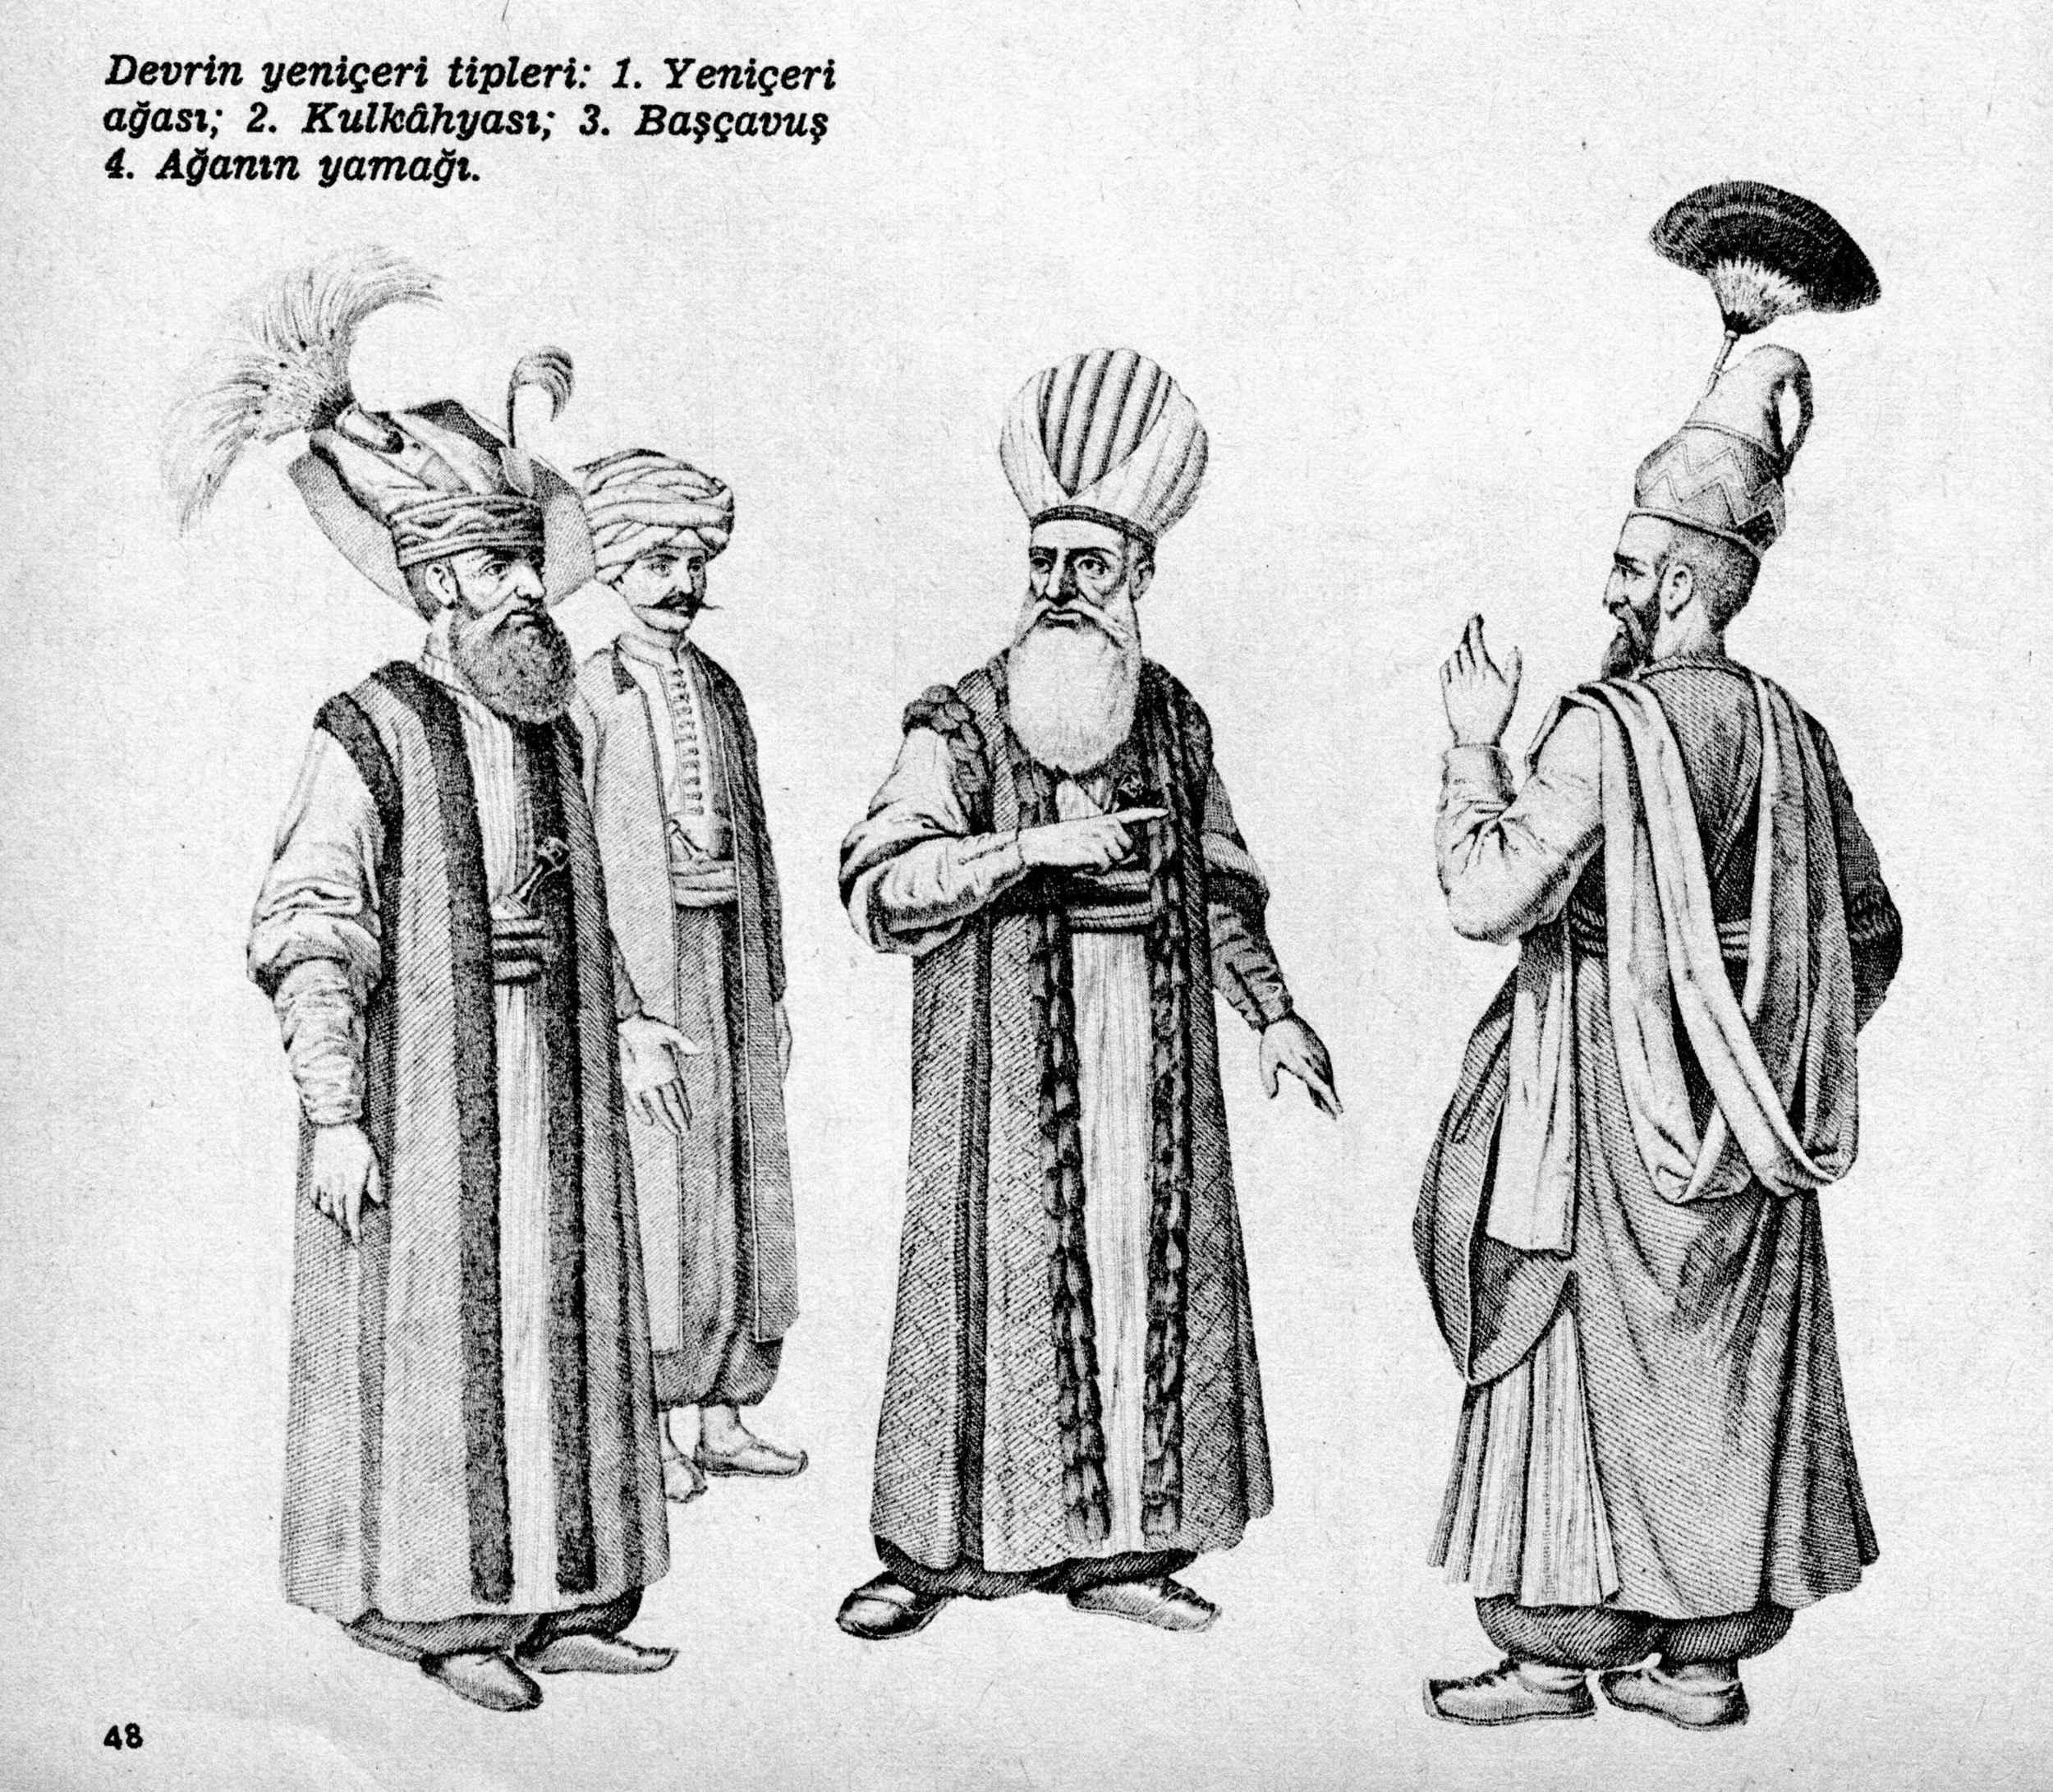 Abaza Mehmed Paşa'nın başlattığı moda akımı 1